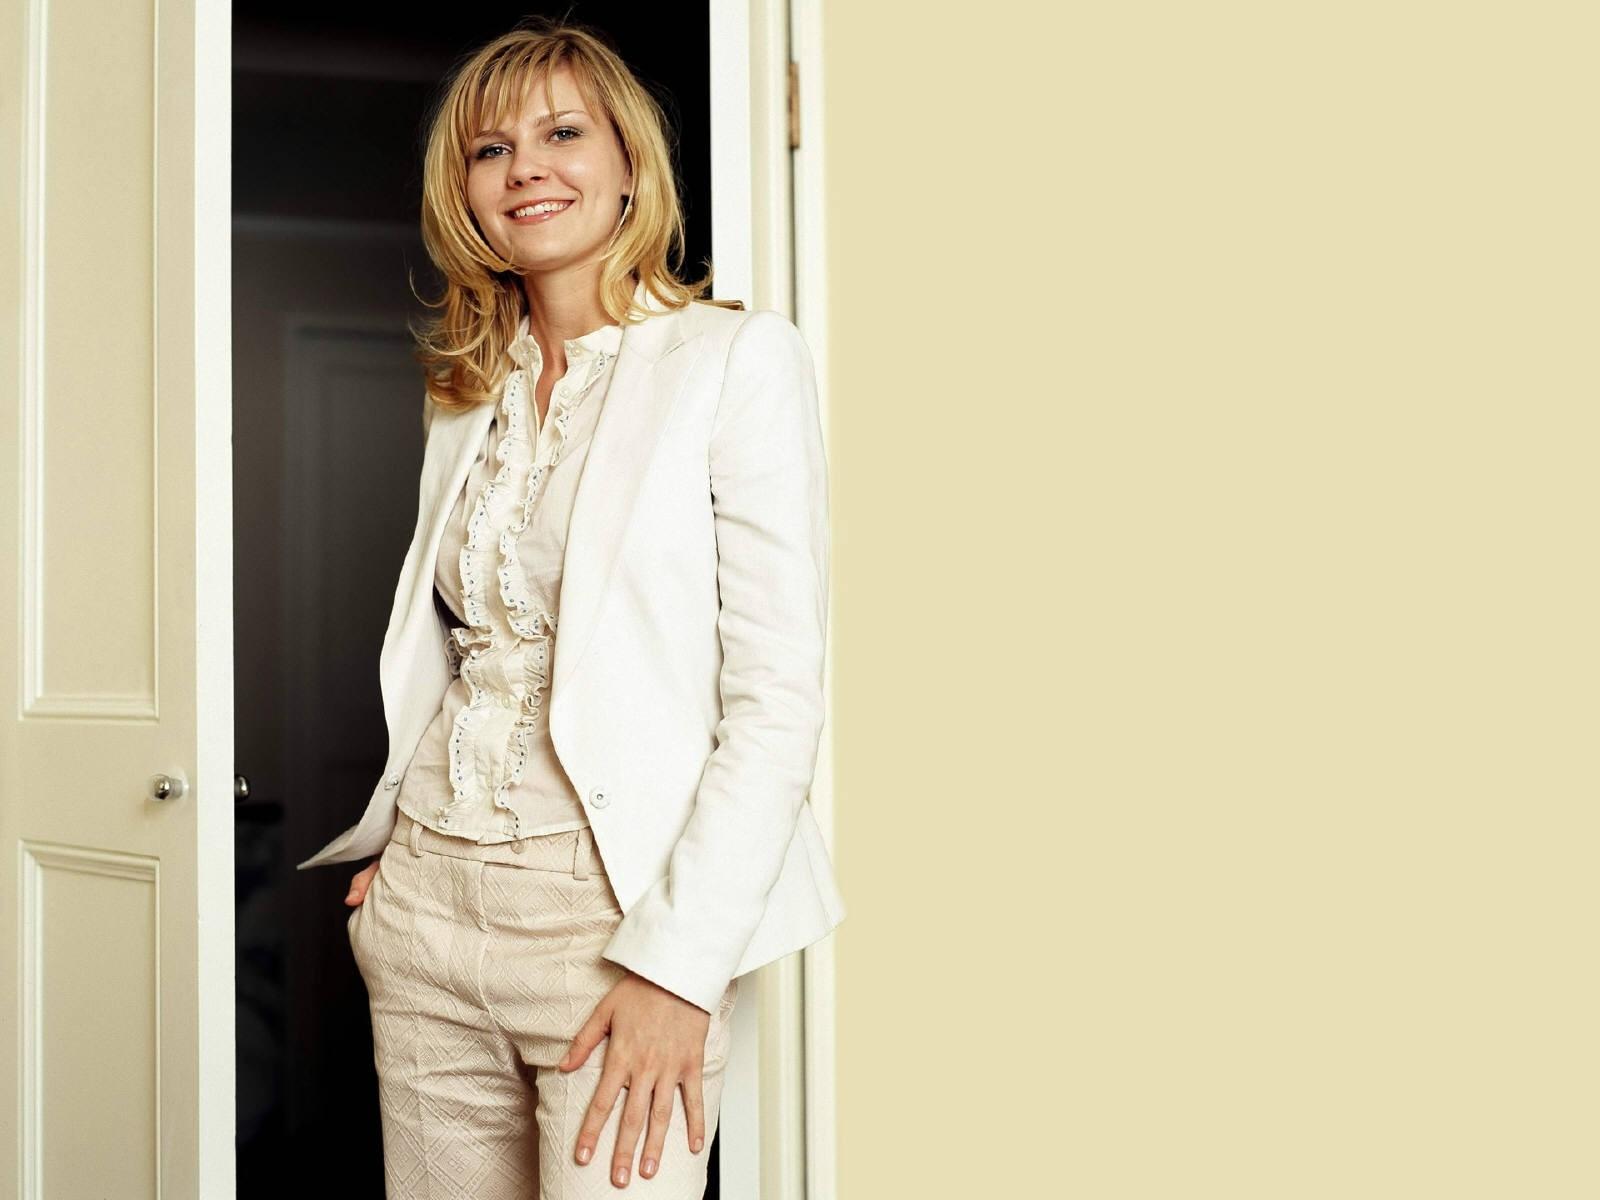 Wallpaper di Kirsten Dunst su sfondo color pastello